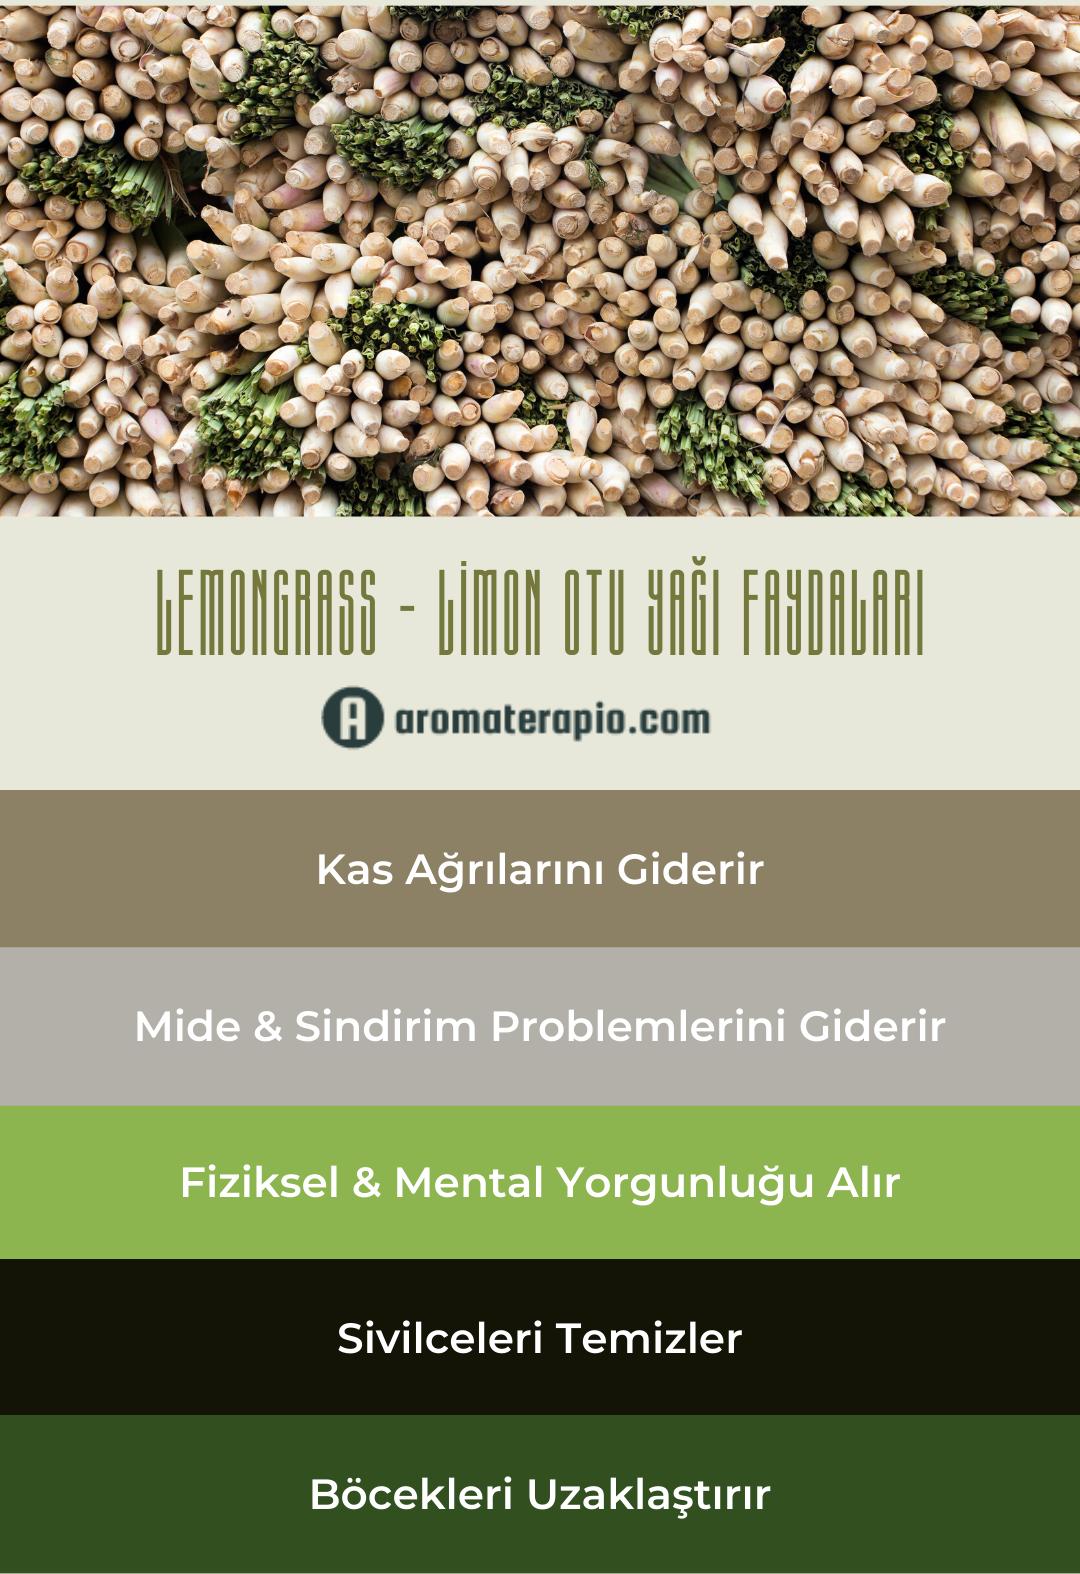 Lemongrass Yağı Faydaları Infografik